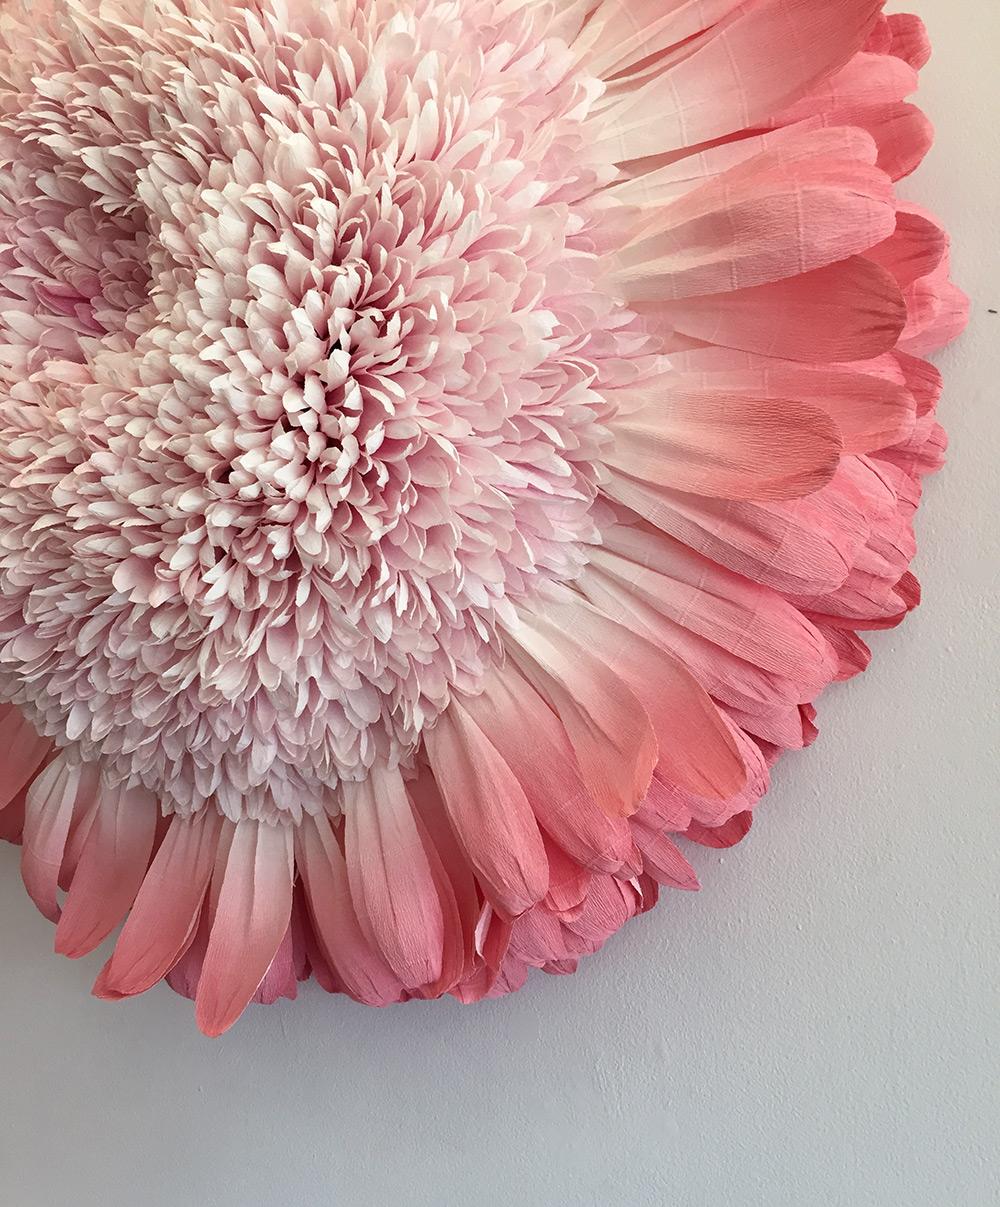 tiffanie-turner-fiore-di carta.jpg